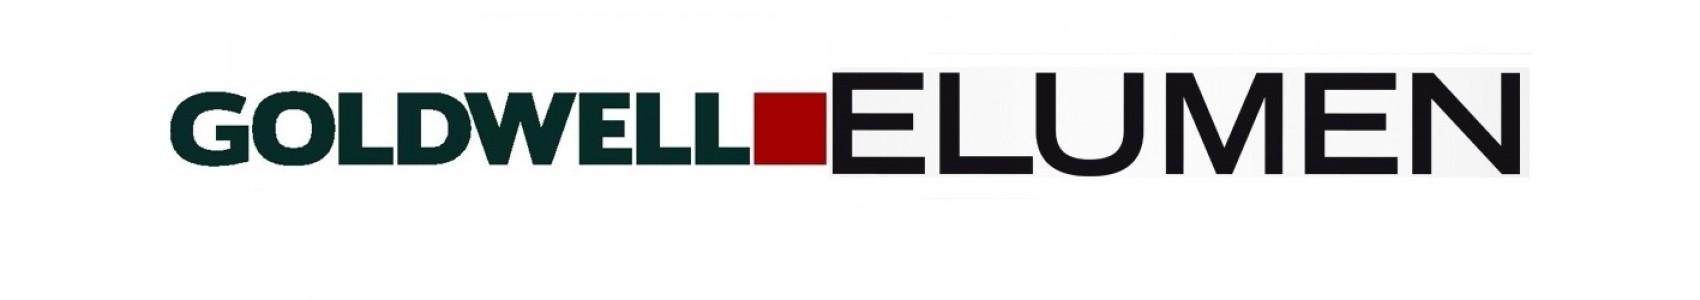 Goldwell Elumen